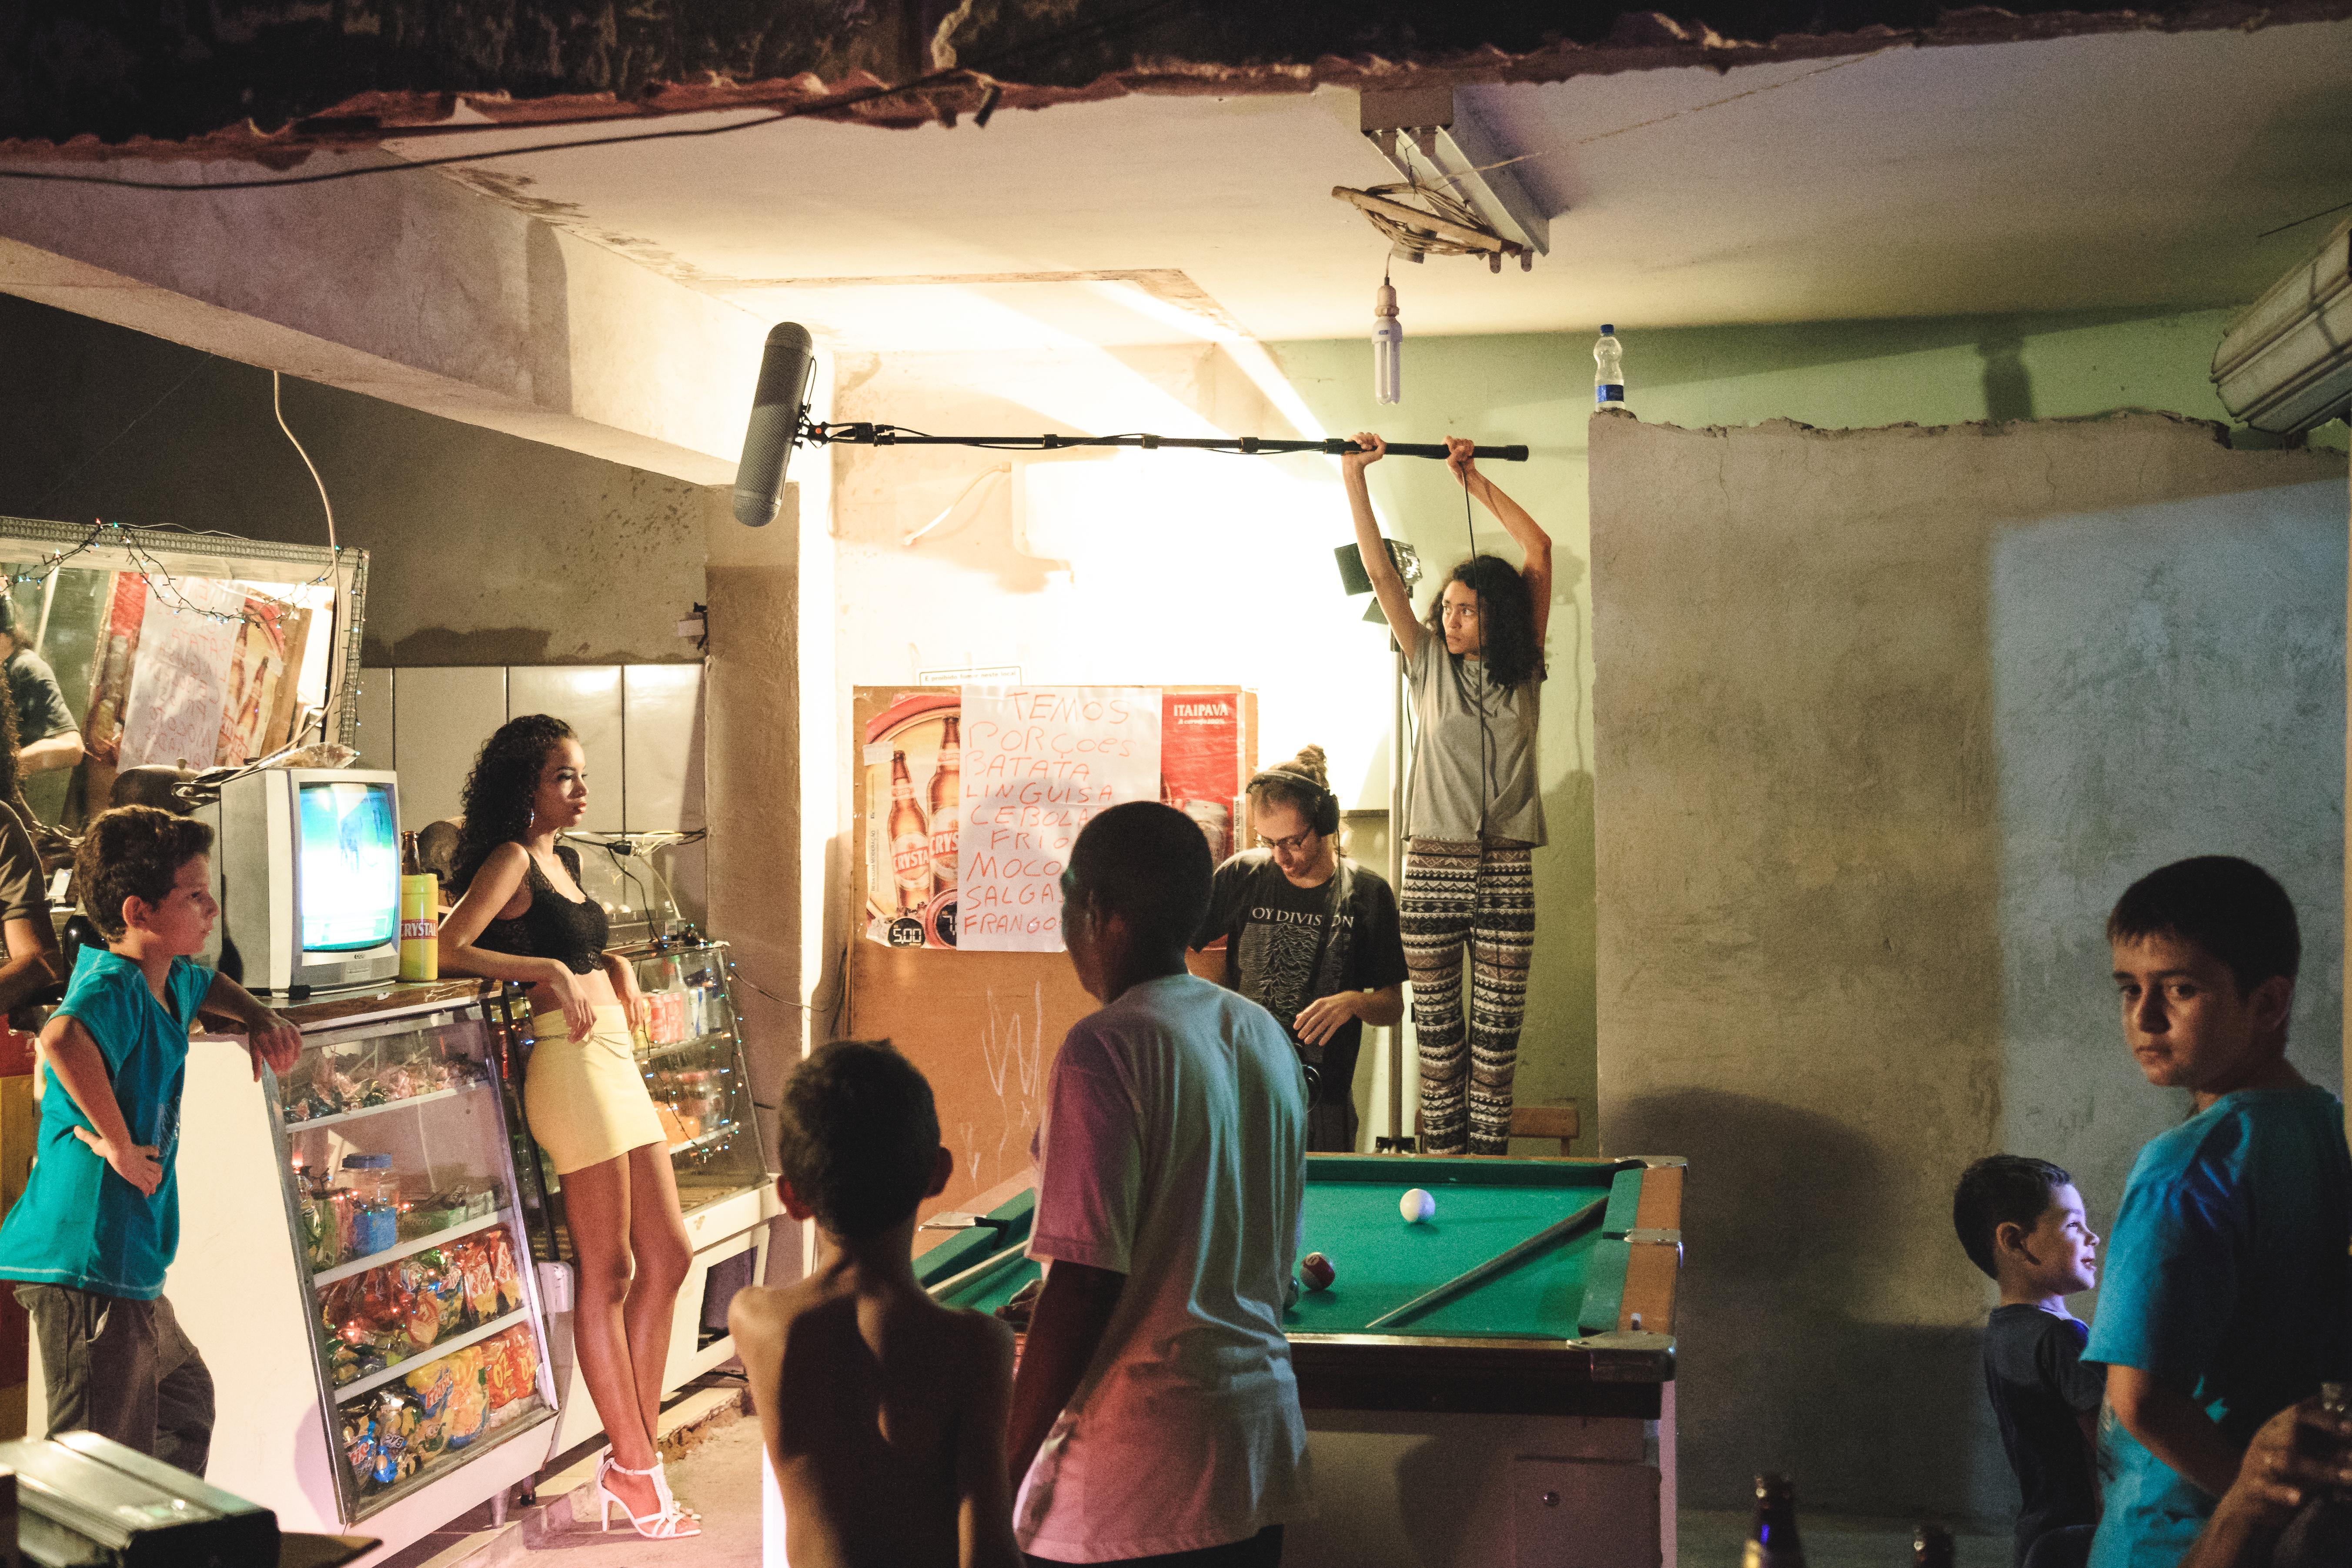 A ex-aluna Isadora Maria Torres e o Diretor de Som Leonardo Bortolin, captando o som direto durante as gravações do curta.